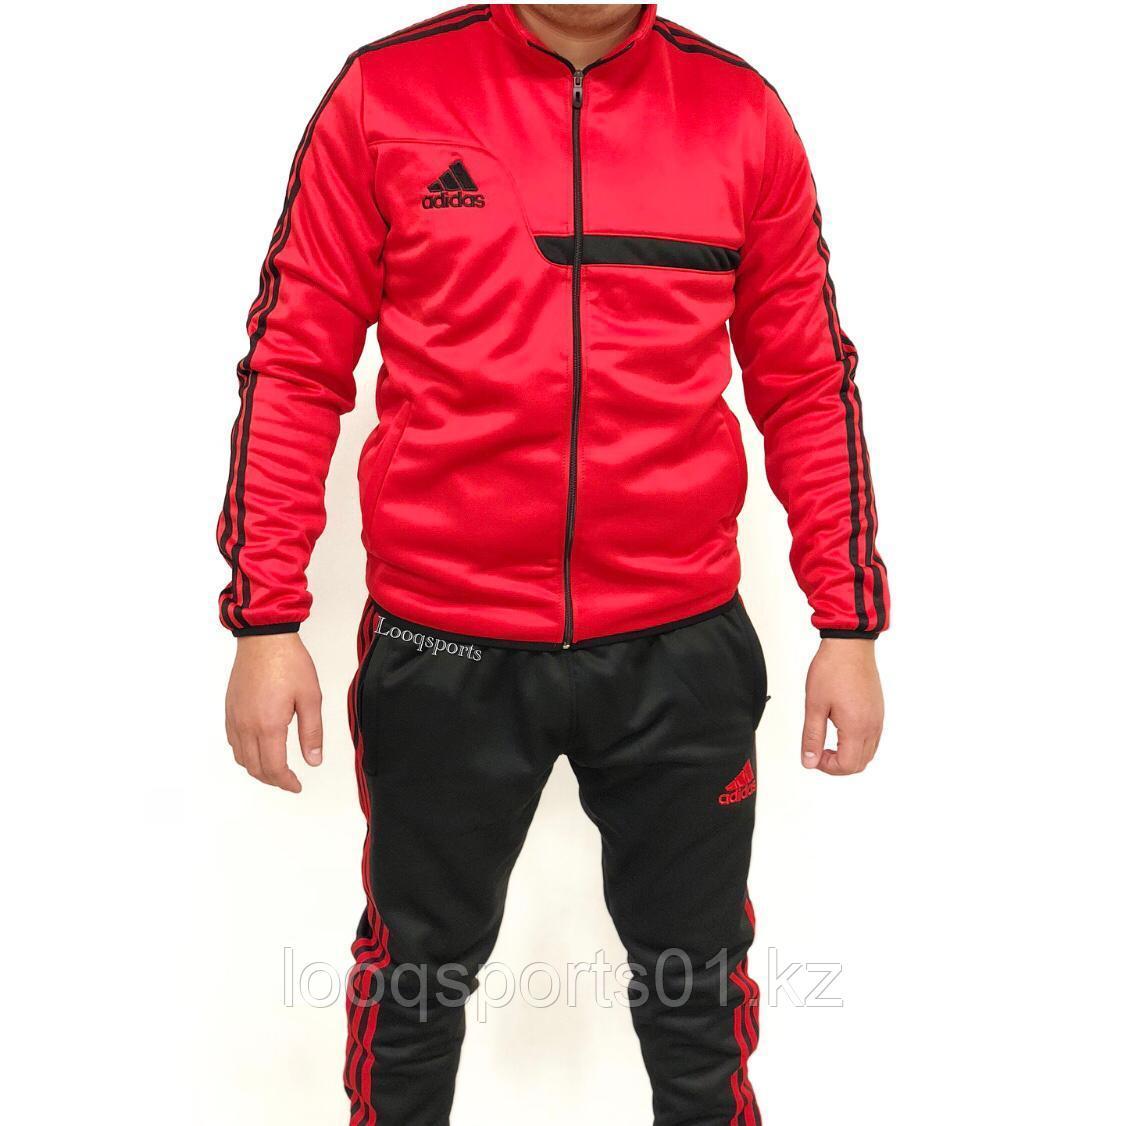 Спортивный костюм Adidas с бесплатной доставкой